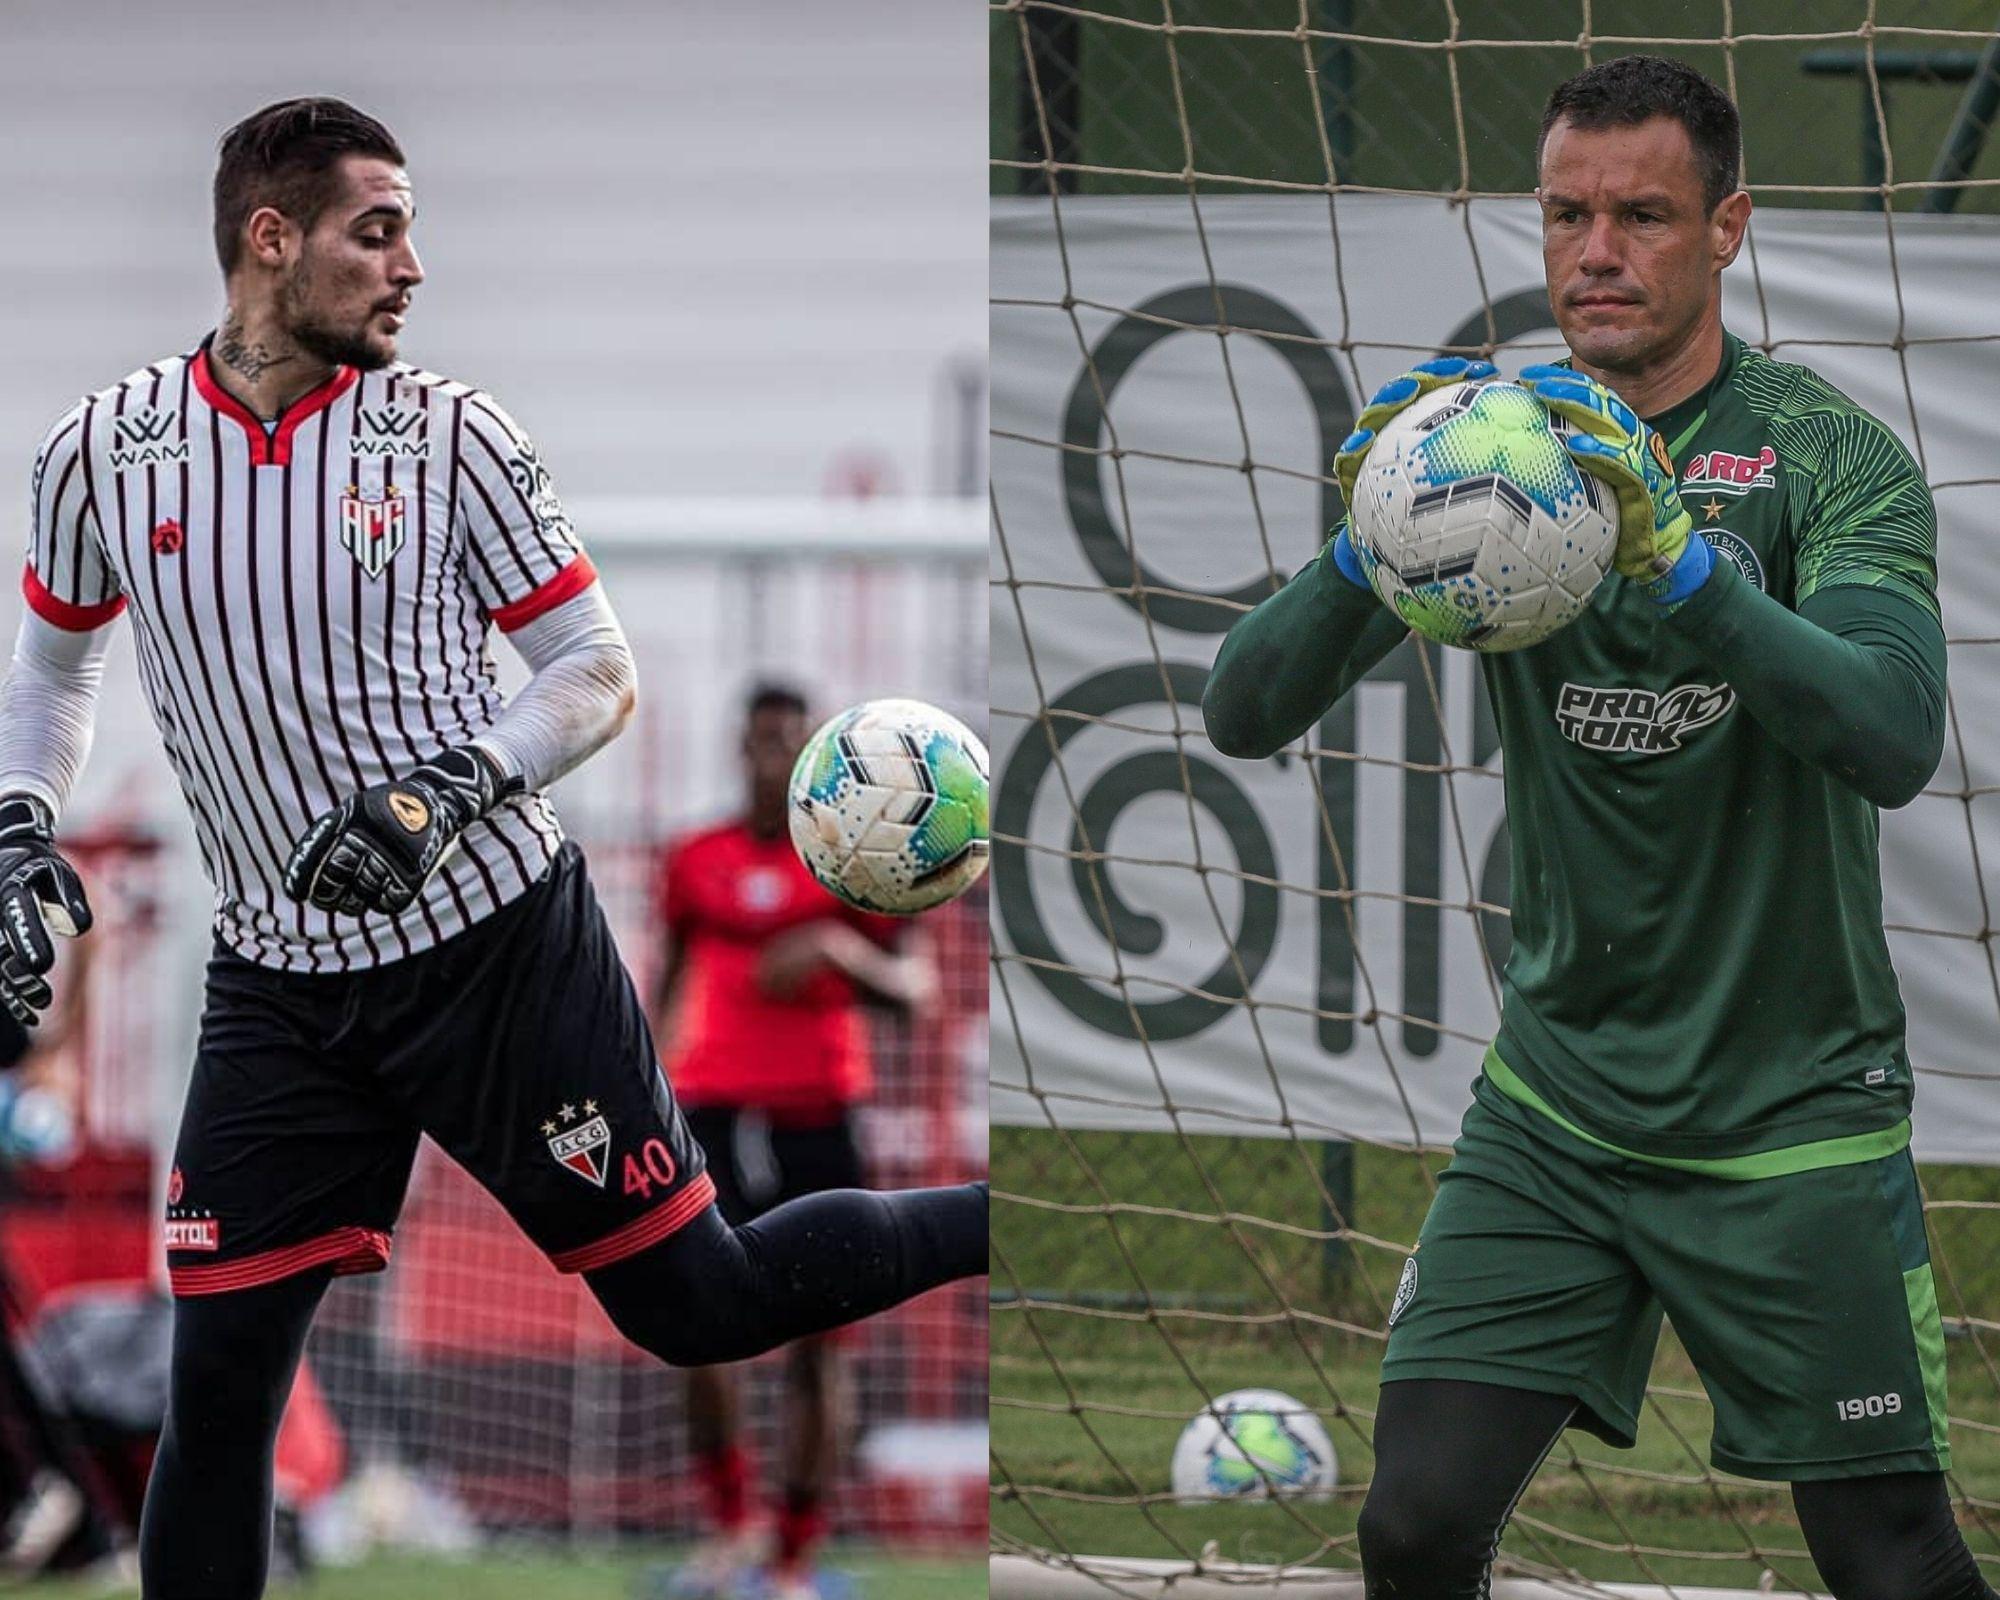 Imagem mostra dicas de goleiros para o Cartola FC.